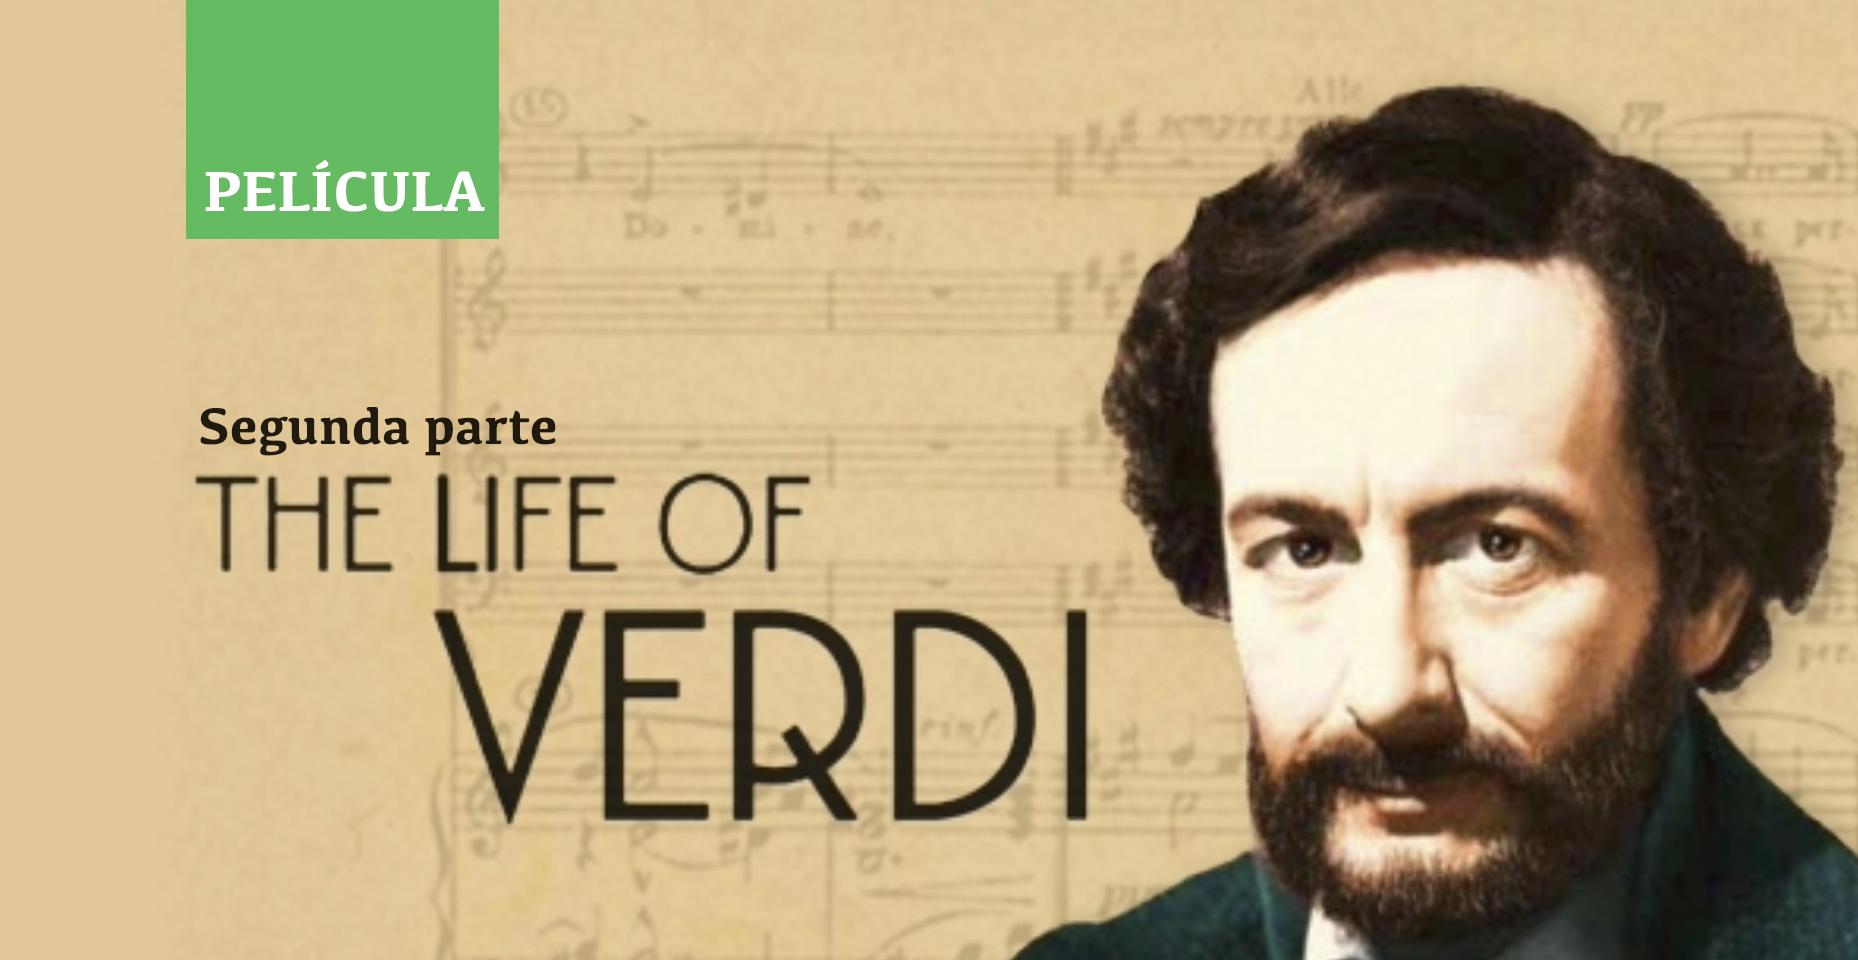 La vida de Verdi